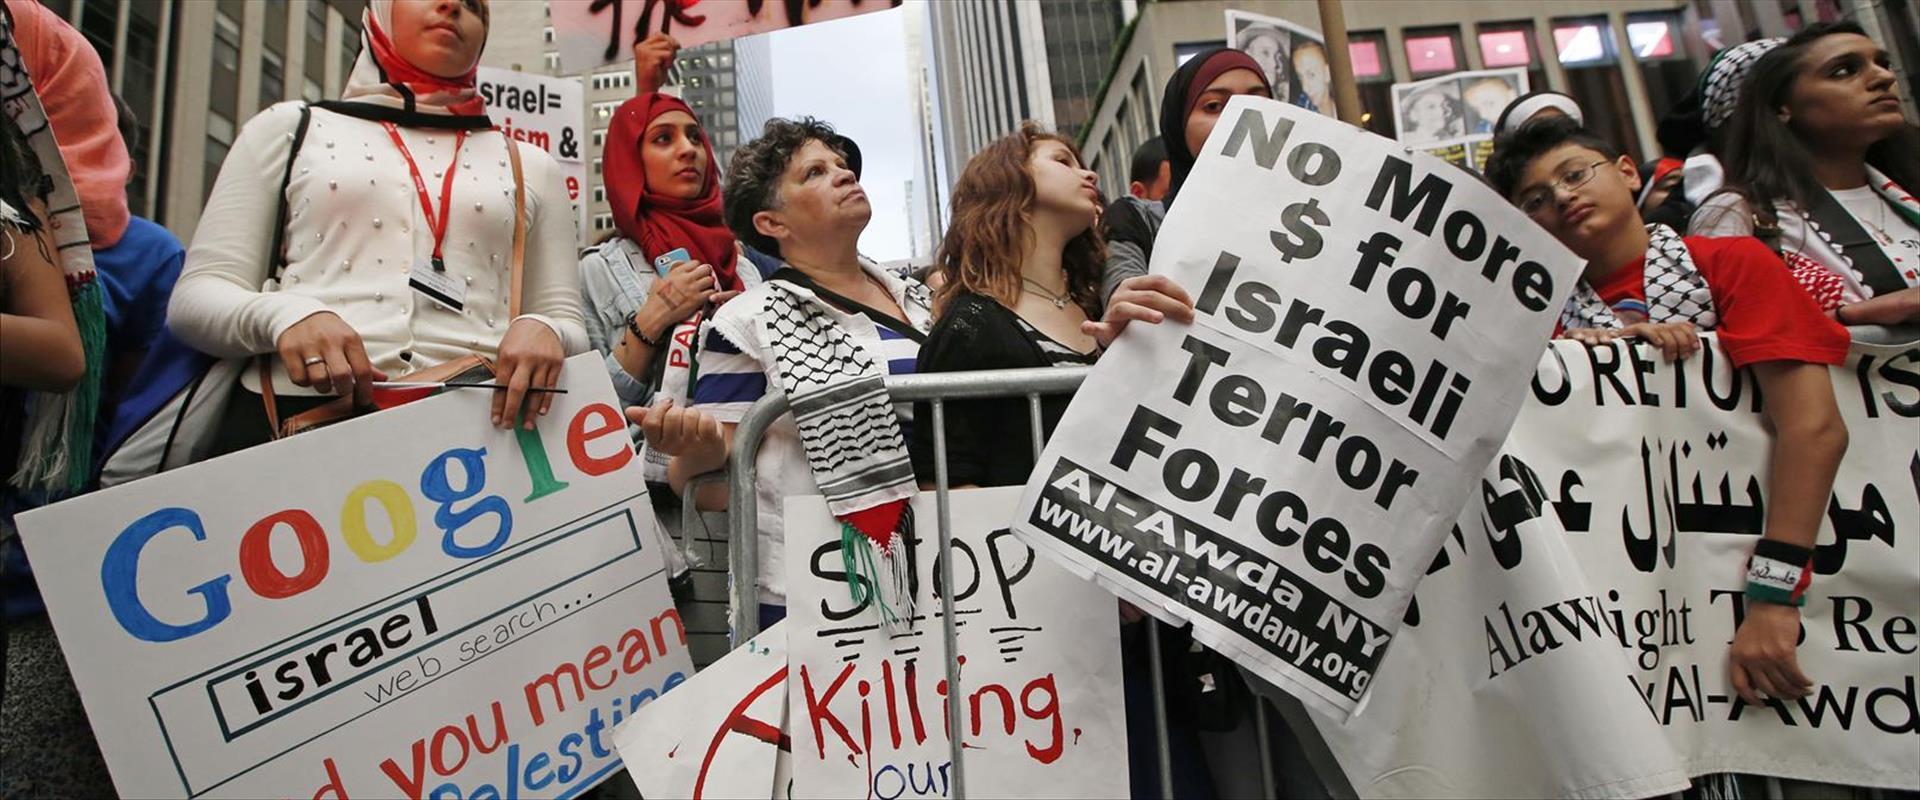 הפגנה פרו פלסטינית